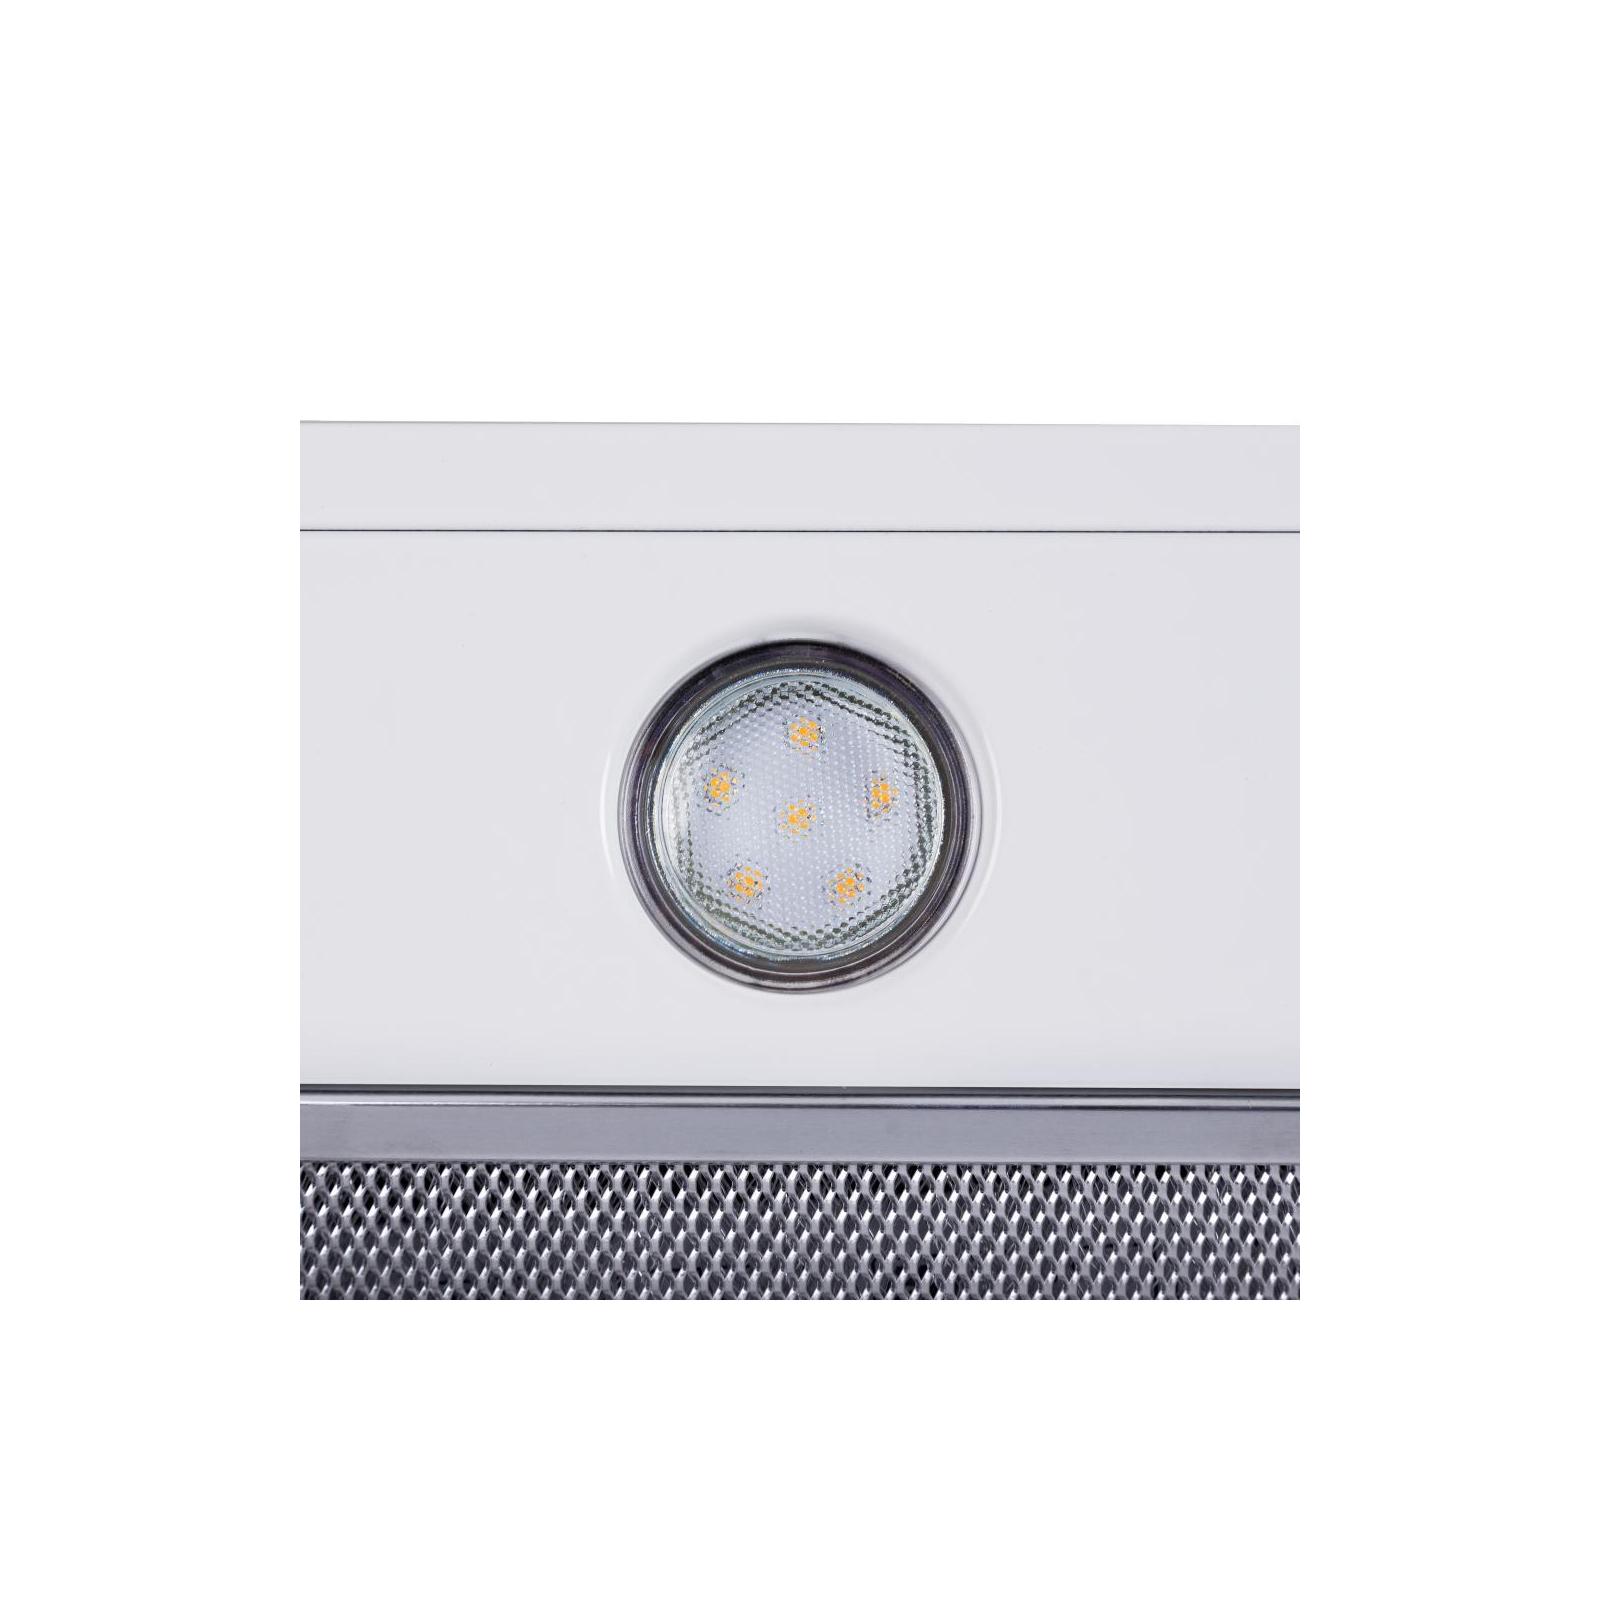 Вытяжка кухонная PERFELLI BI 5512 A 1000 I LED изображение 5